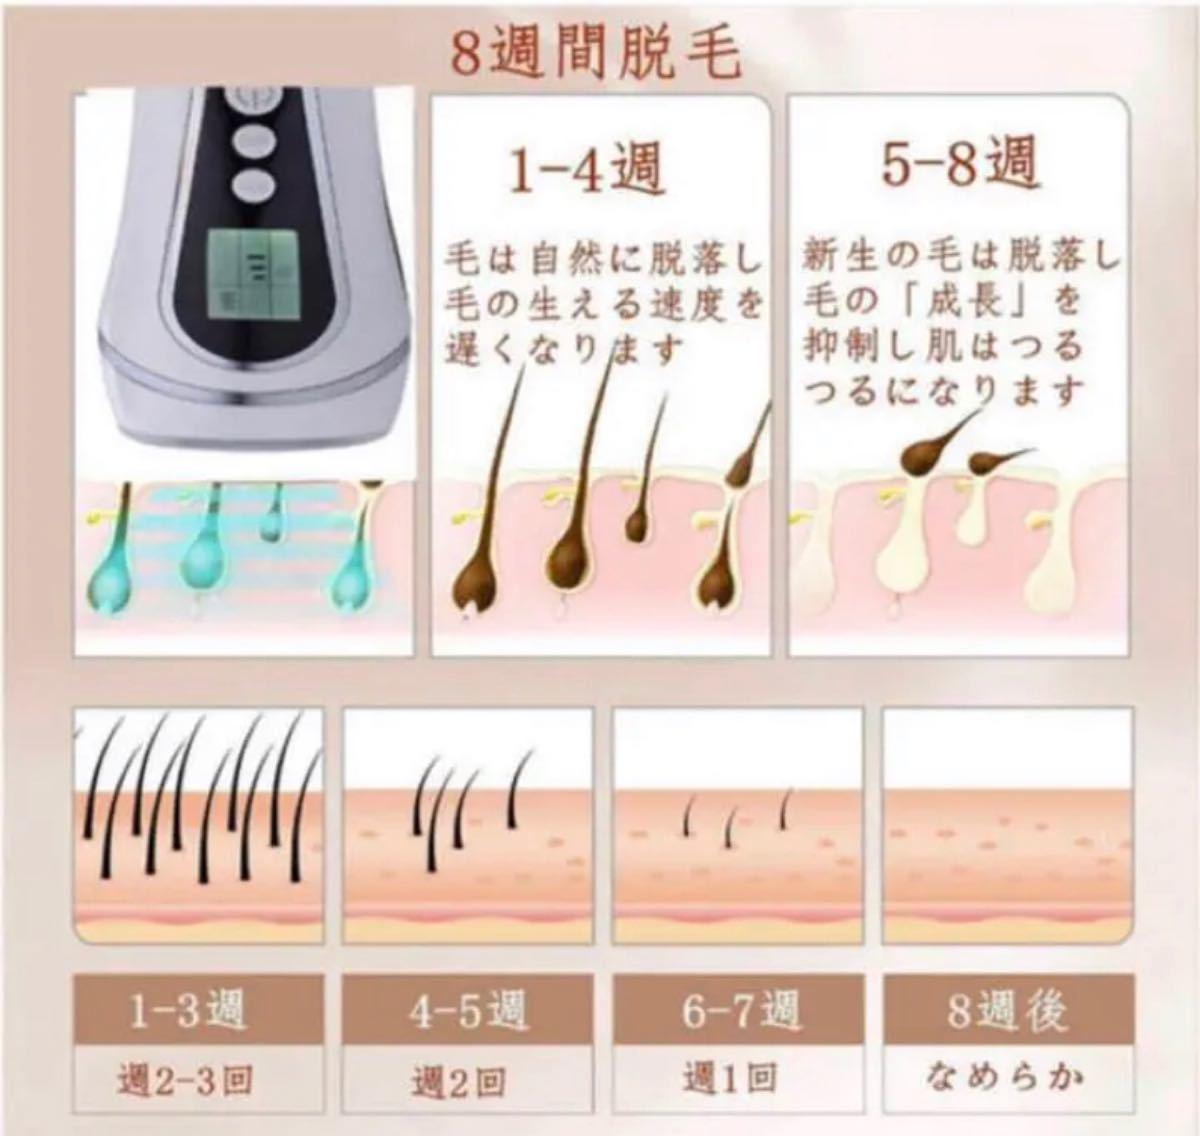 レーザー 永久脱毛 IPL光脱毛器 光美容器 家庭用脱毛器 メンズ レディース